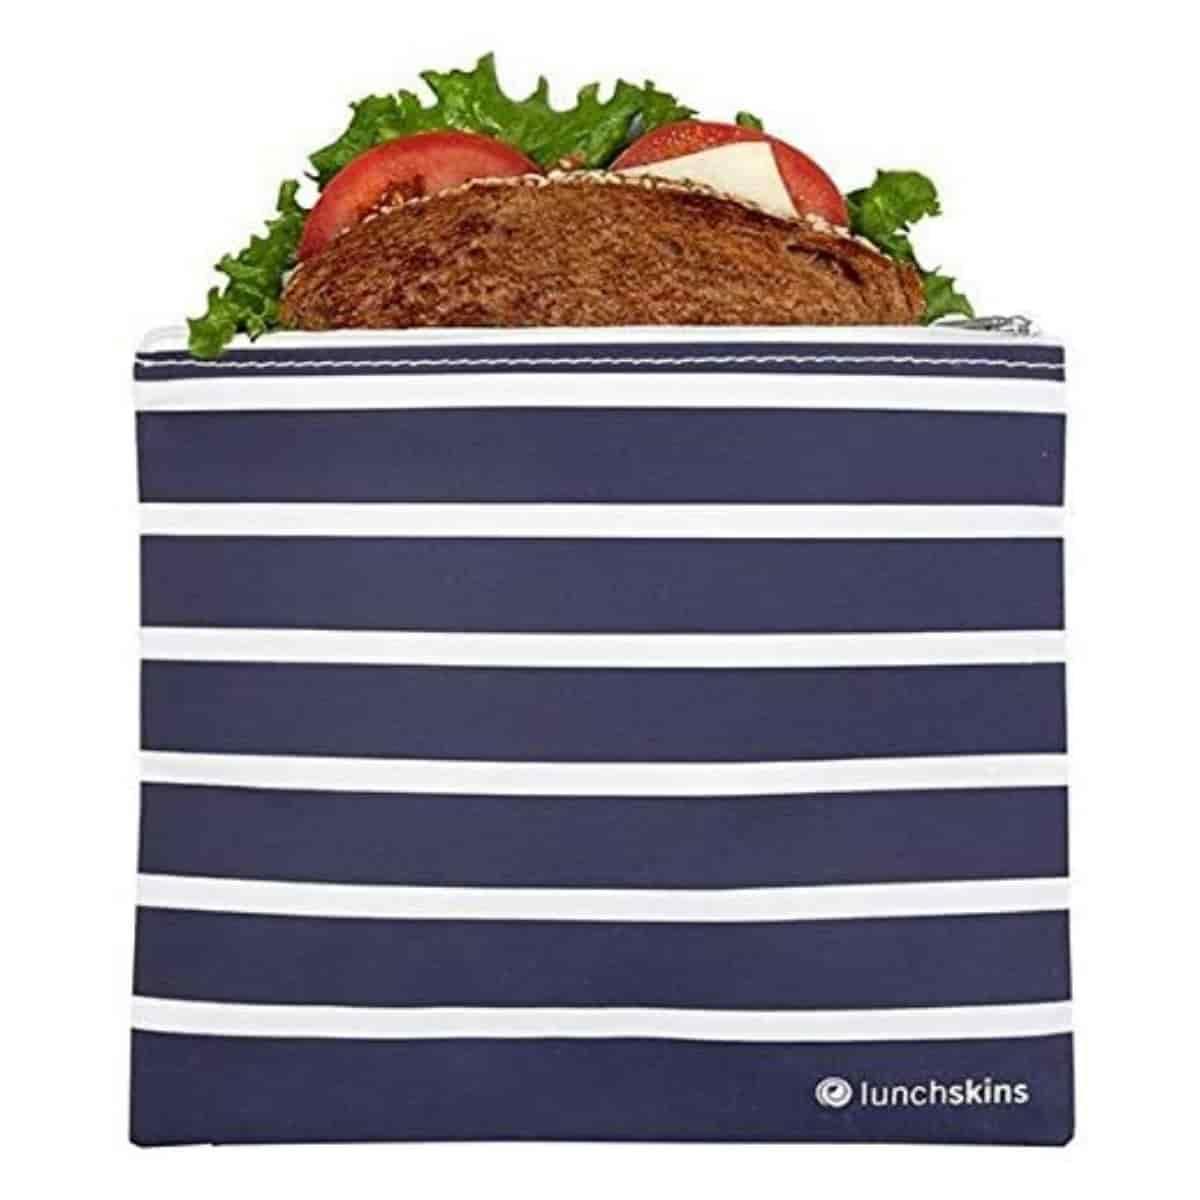 Blue stripe reusable sandwich bag.